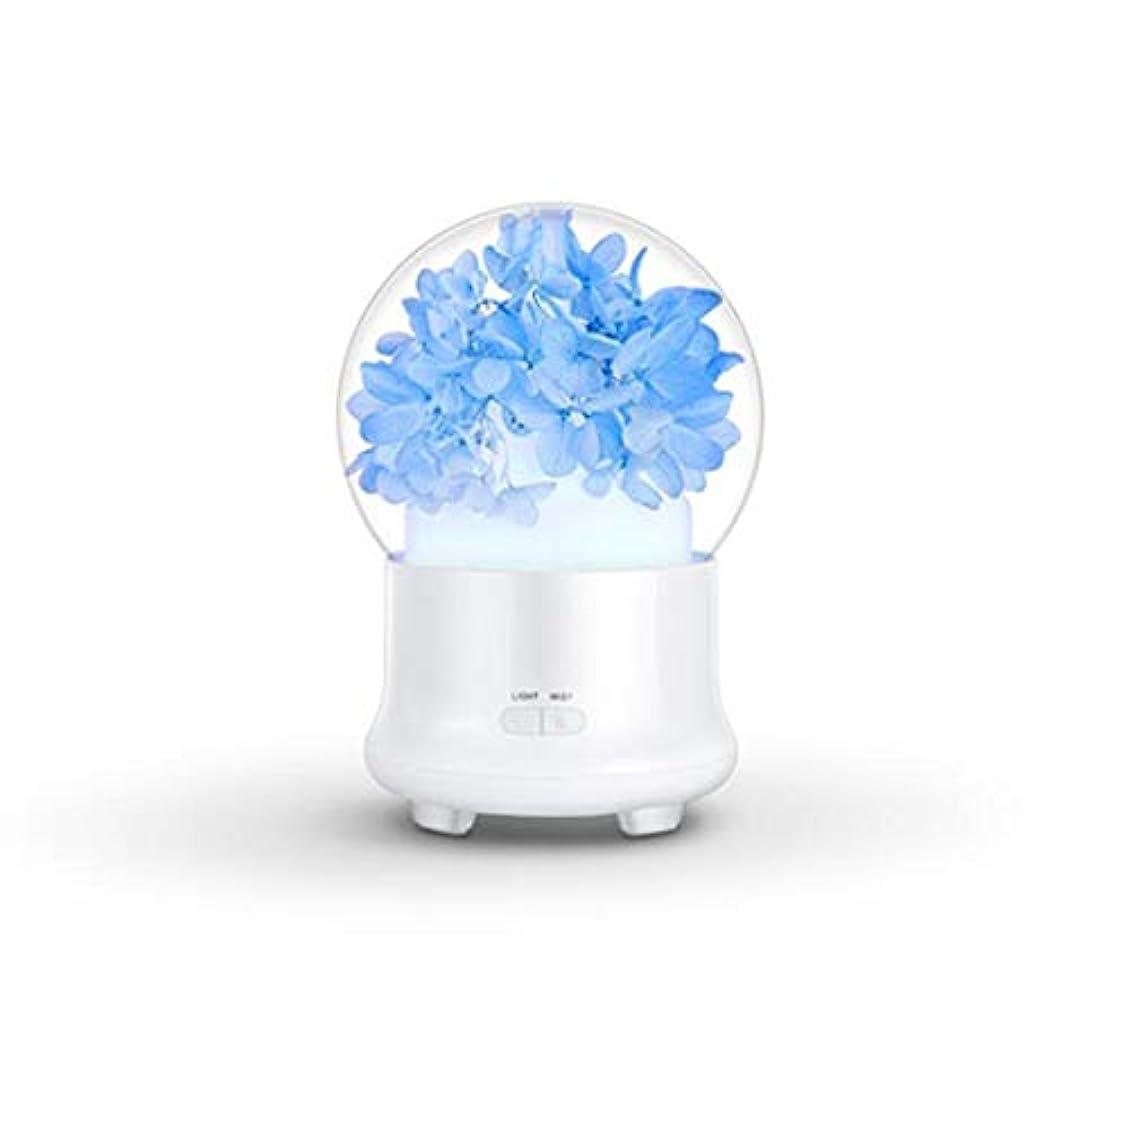 脳にんじんミネラルACHICOO アロマディフューザー 加湿器 花 電気 カラフル LED ミストフォッガー かわいい 安全 24V 12 x 12 x 16.8cm ブルー